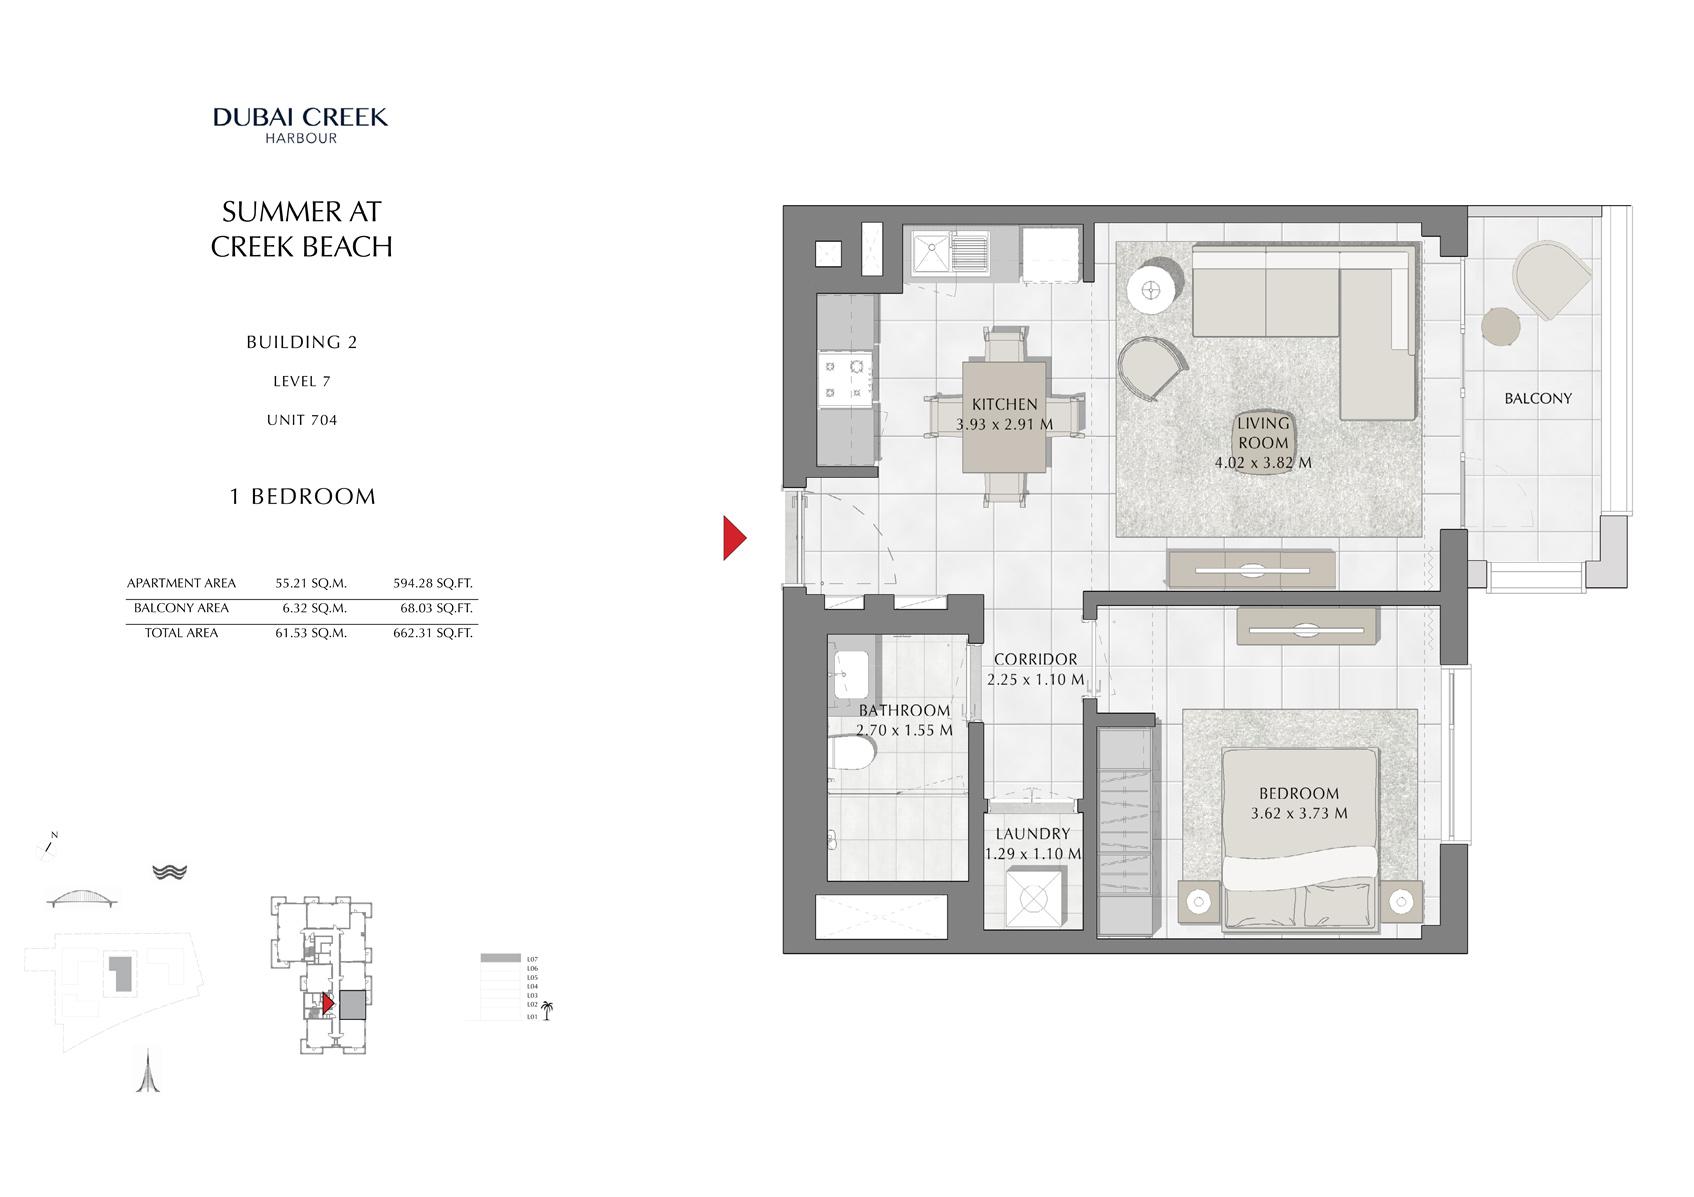 1 Br Building 2 Level 7 Unit 704, Size 662 Sq Ft